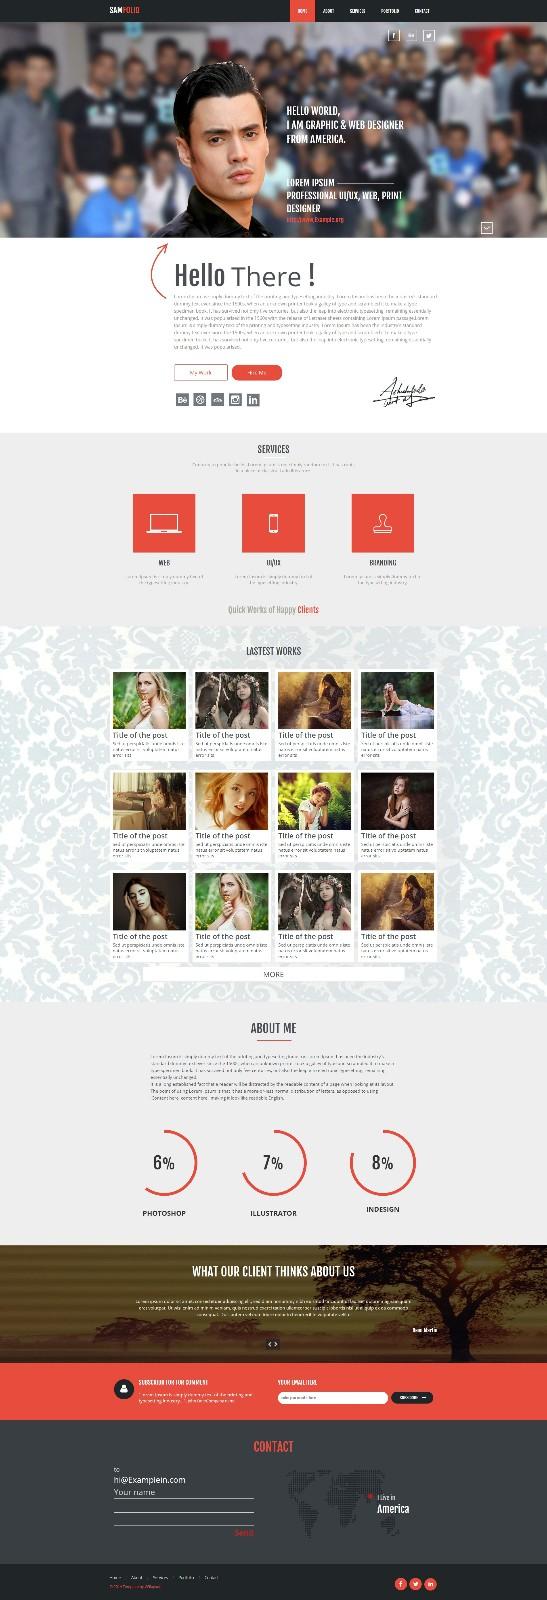 个性团队案例展示单页响应式网页模板